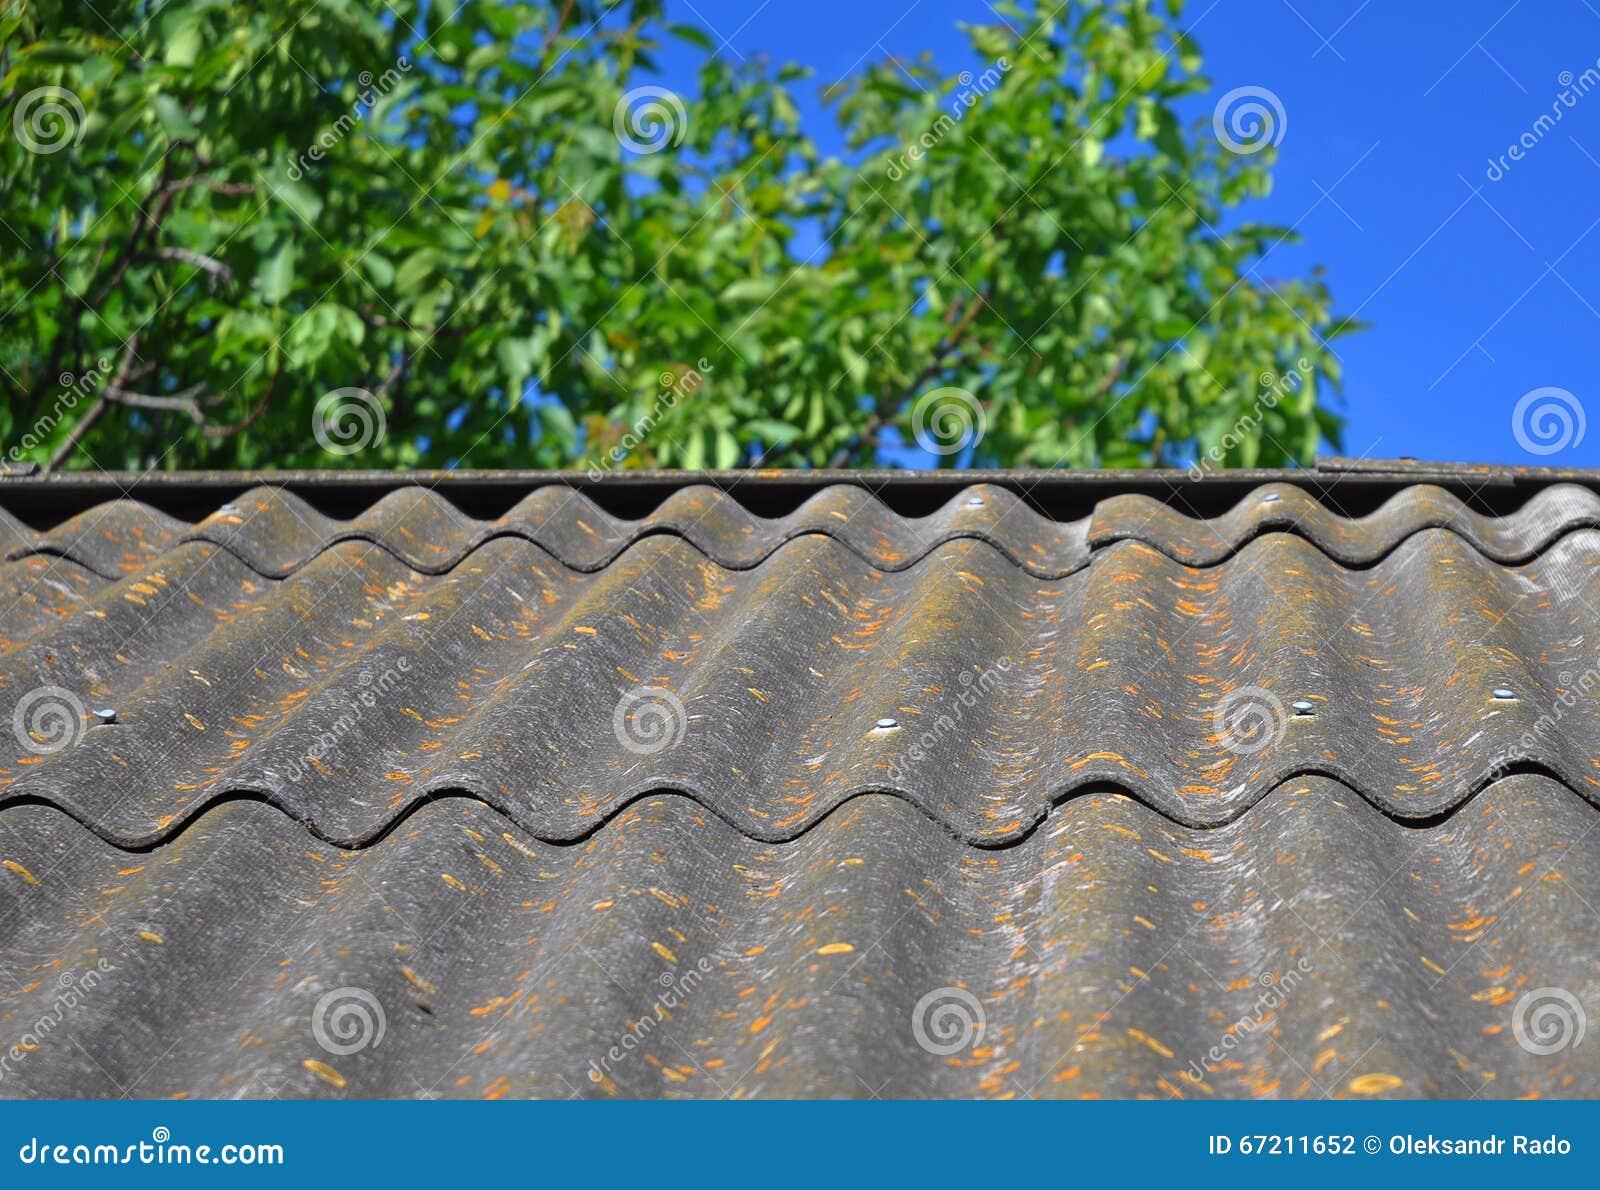 Μπλε ουρανός πέρα από τα επικίνδυνα κεραμίδια στεγών αμιάντων παλαιά ικανά να χρησιμοποιήσουν ως κατασκευασμένο υπόβαθρο